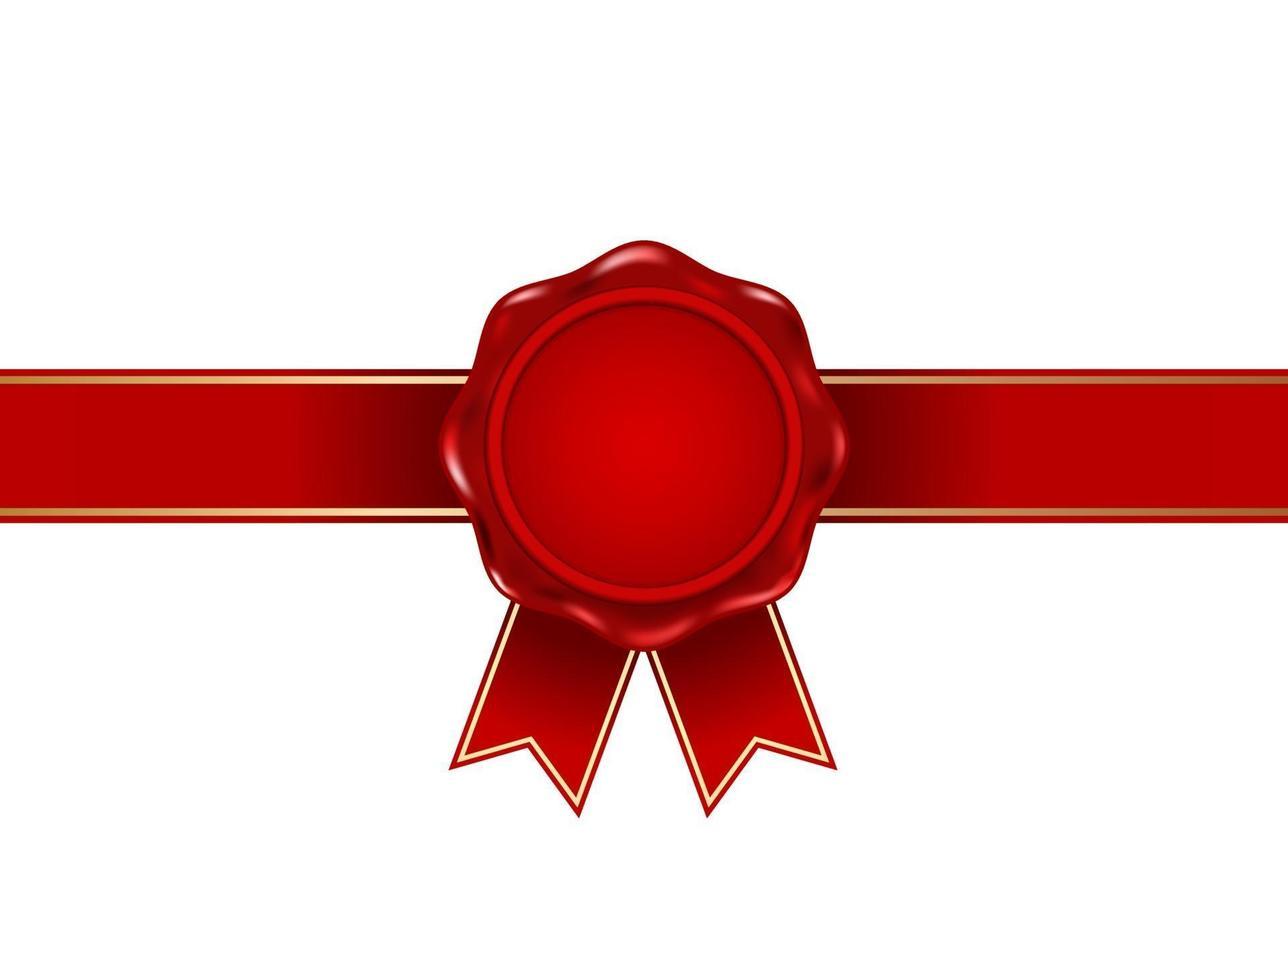 Selo de selo de cera vermelha com ícone de fita 3d vetor